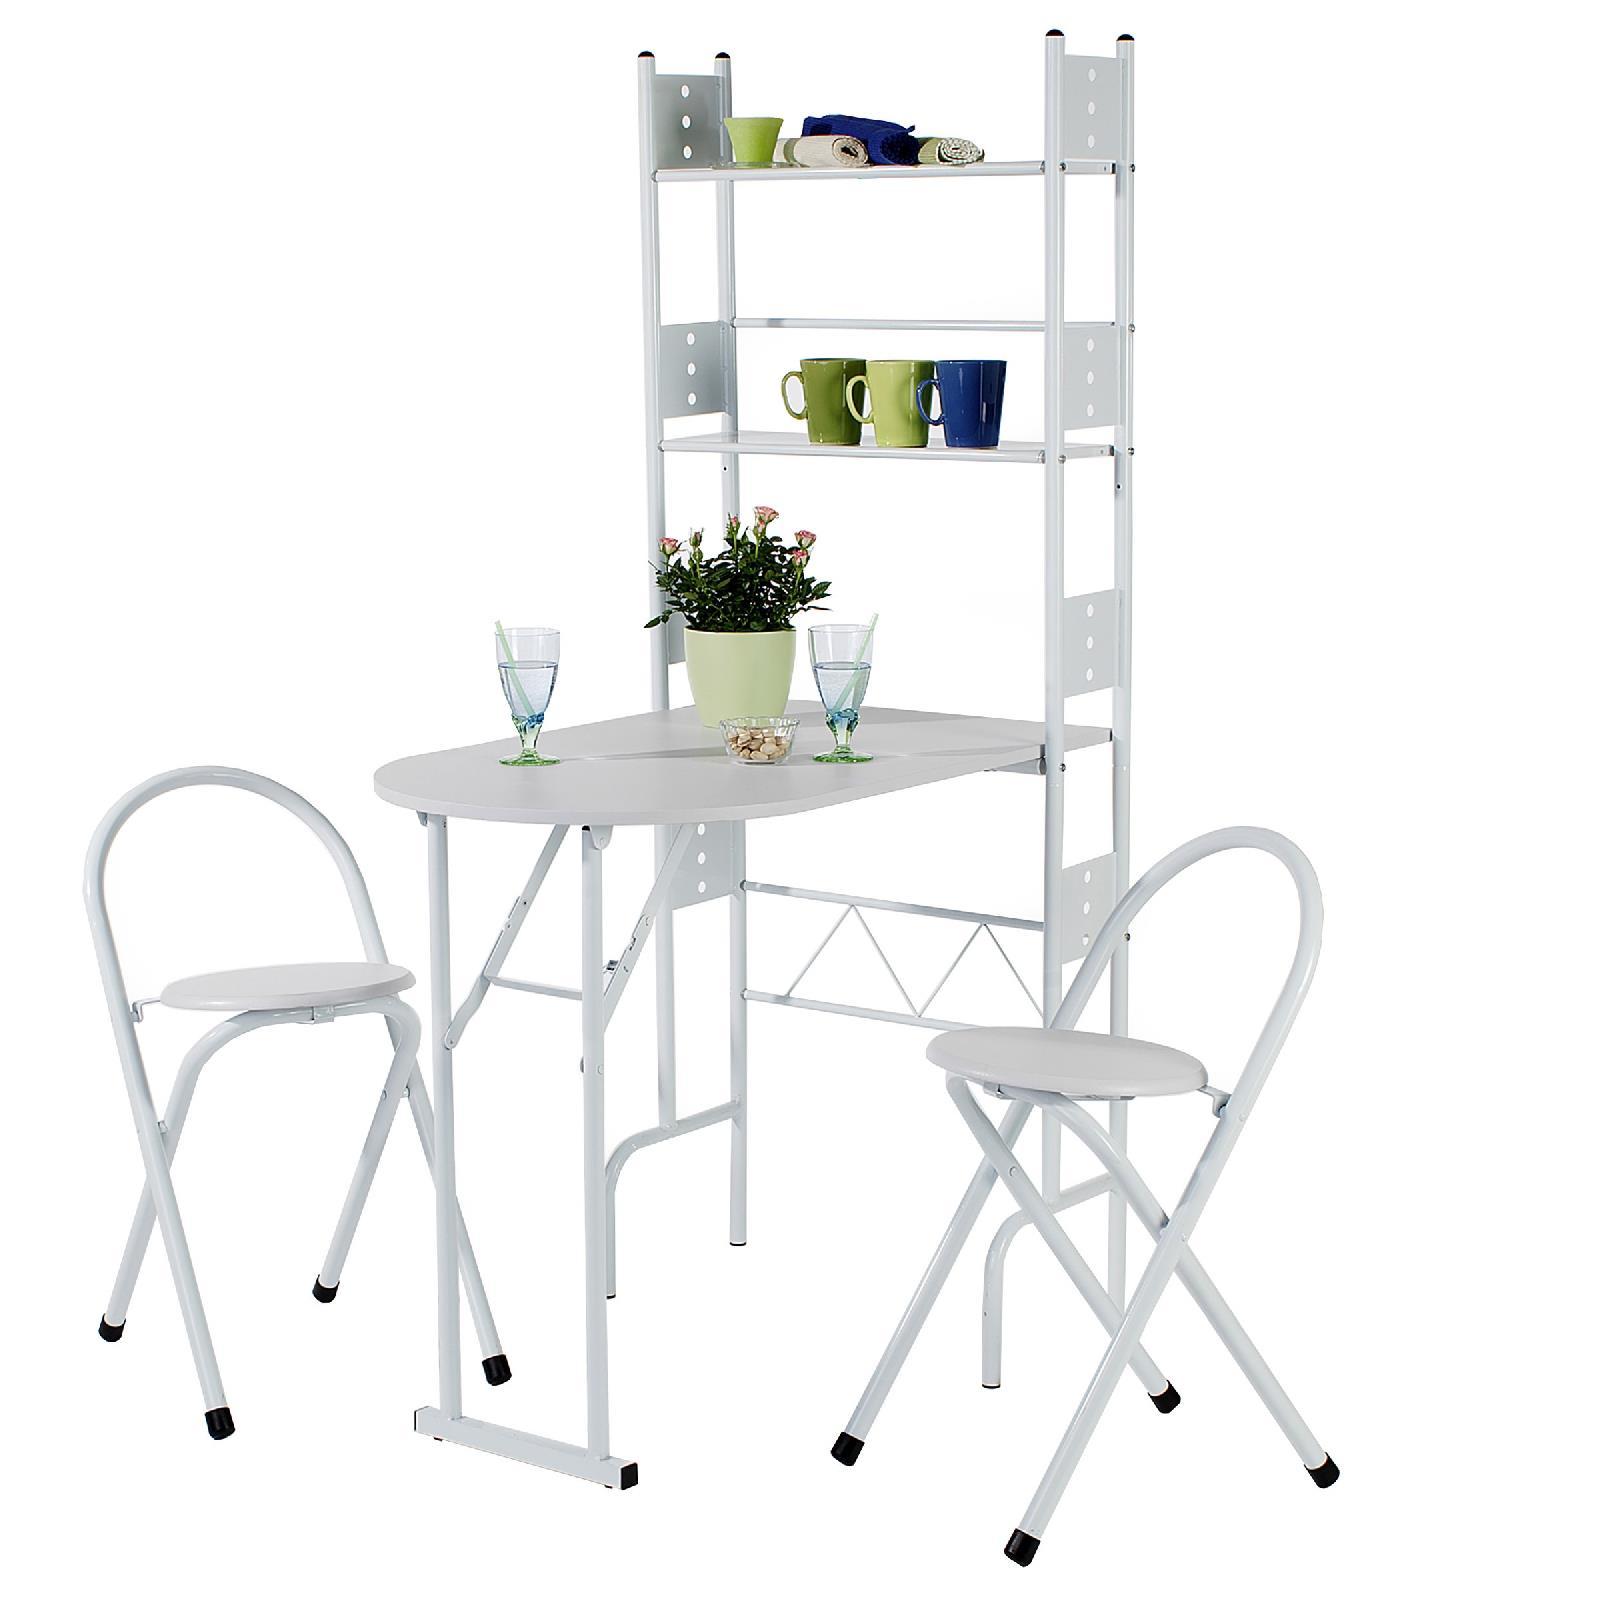 Esszimmer online günstig kaufen | CARO-Möbel